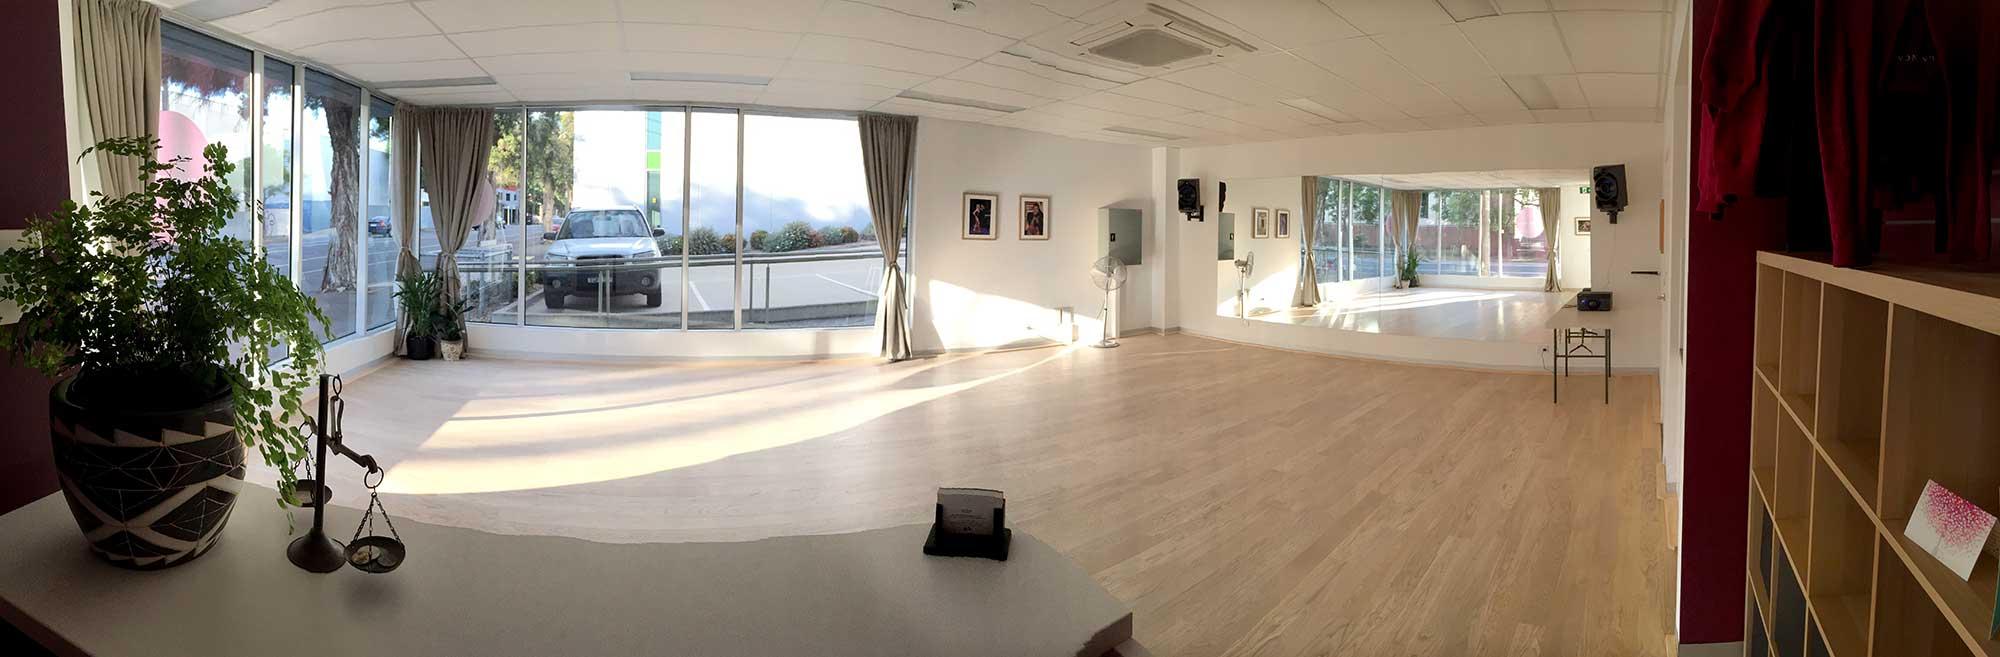 Studio-Pano.jpg